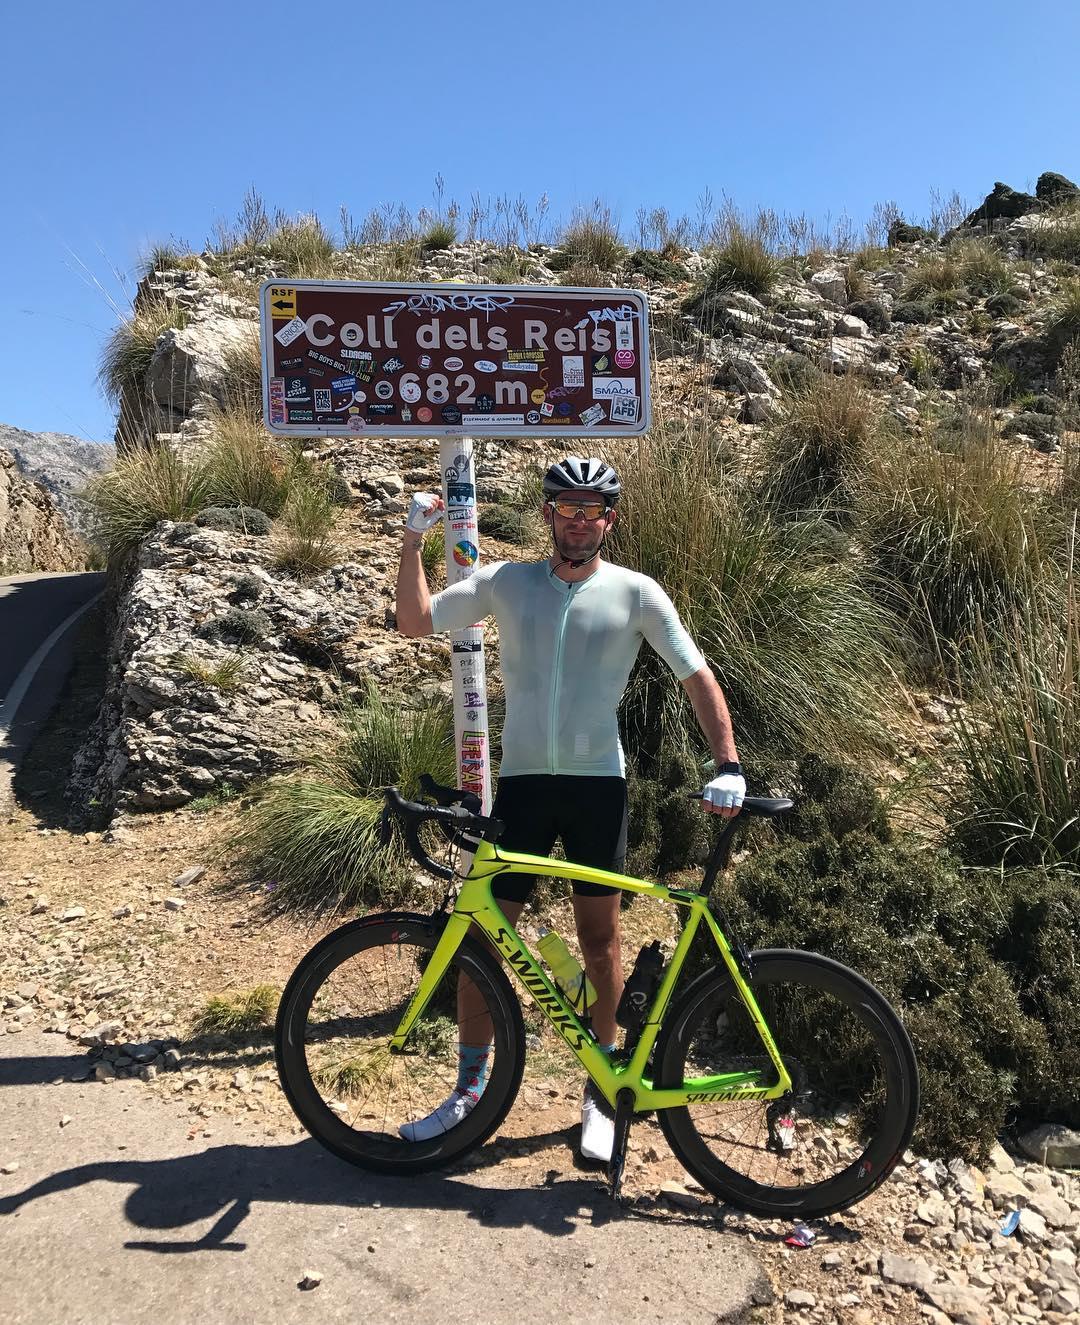 Ben Foster, fotbalový brankář, při cyklistickém tréninkovém kempu na Mallorce. Foto: instagram Bena Fostera